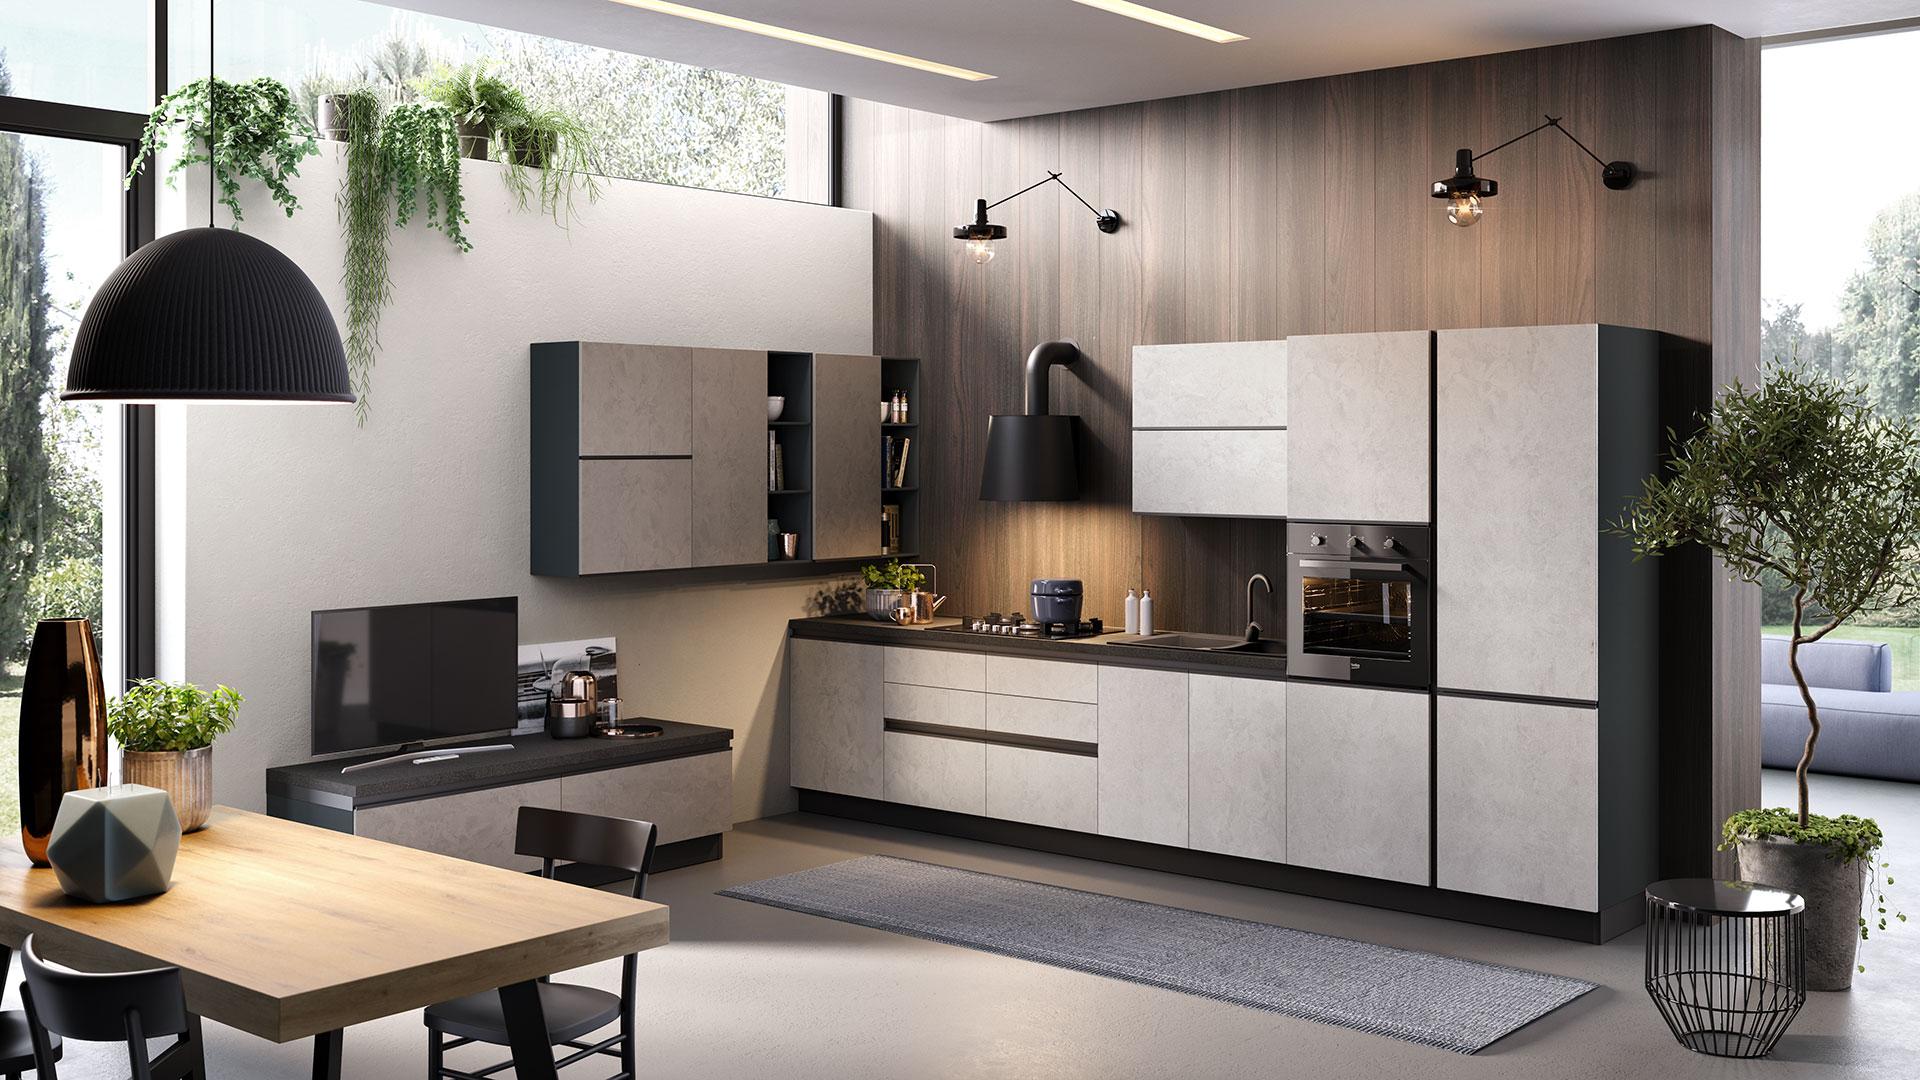 Arredamenti Interni Case Moderne salvatori arredamenti – arredamento di qualità